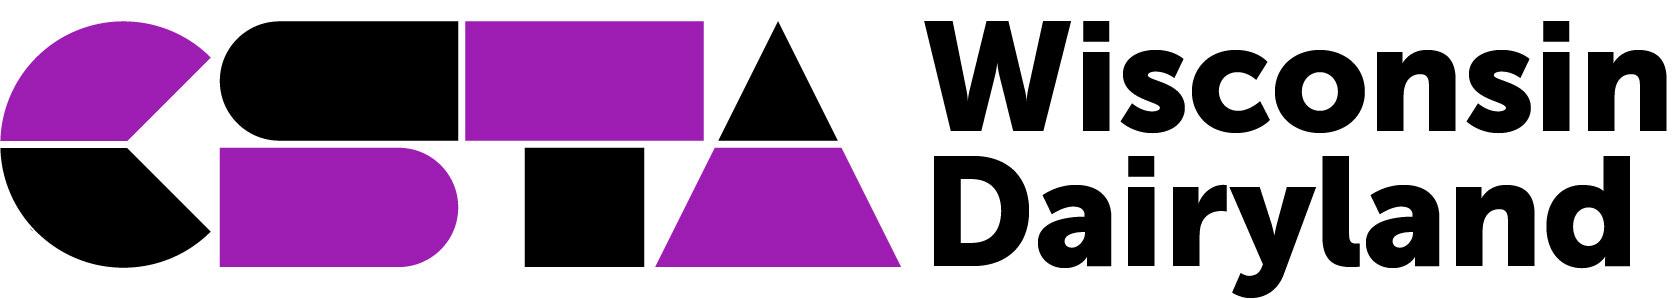 CSTA Wisconsin Dairyland logo